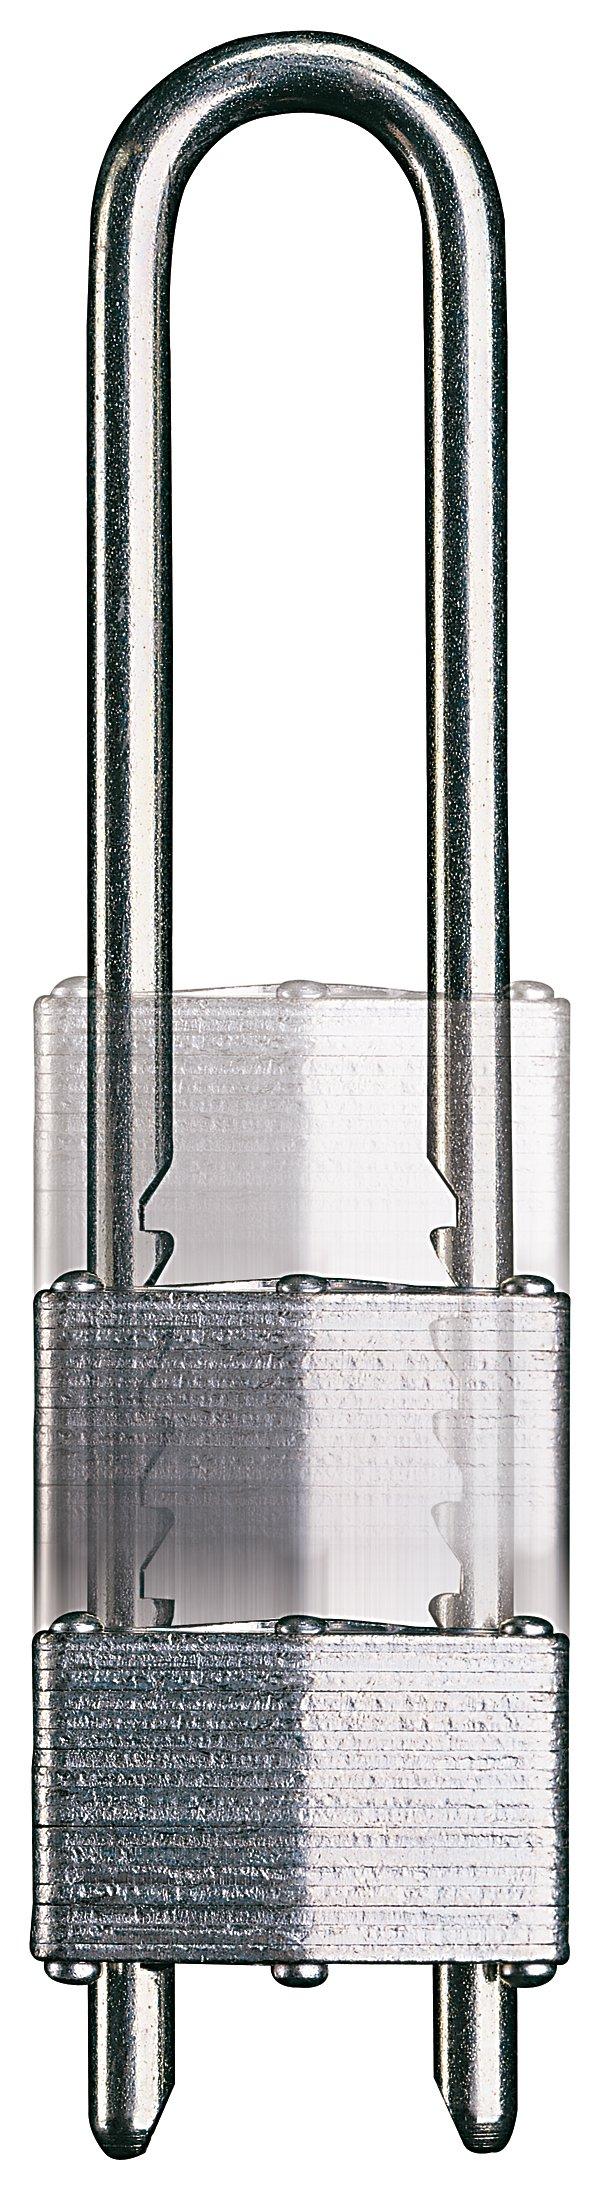 Master Lock Laminated Steel 45mm Padlock - Adjustable Shackle